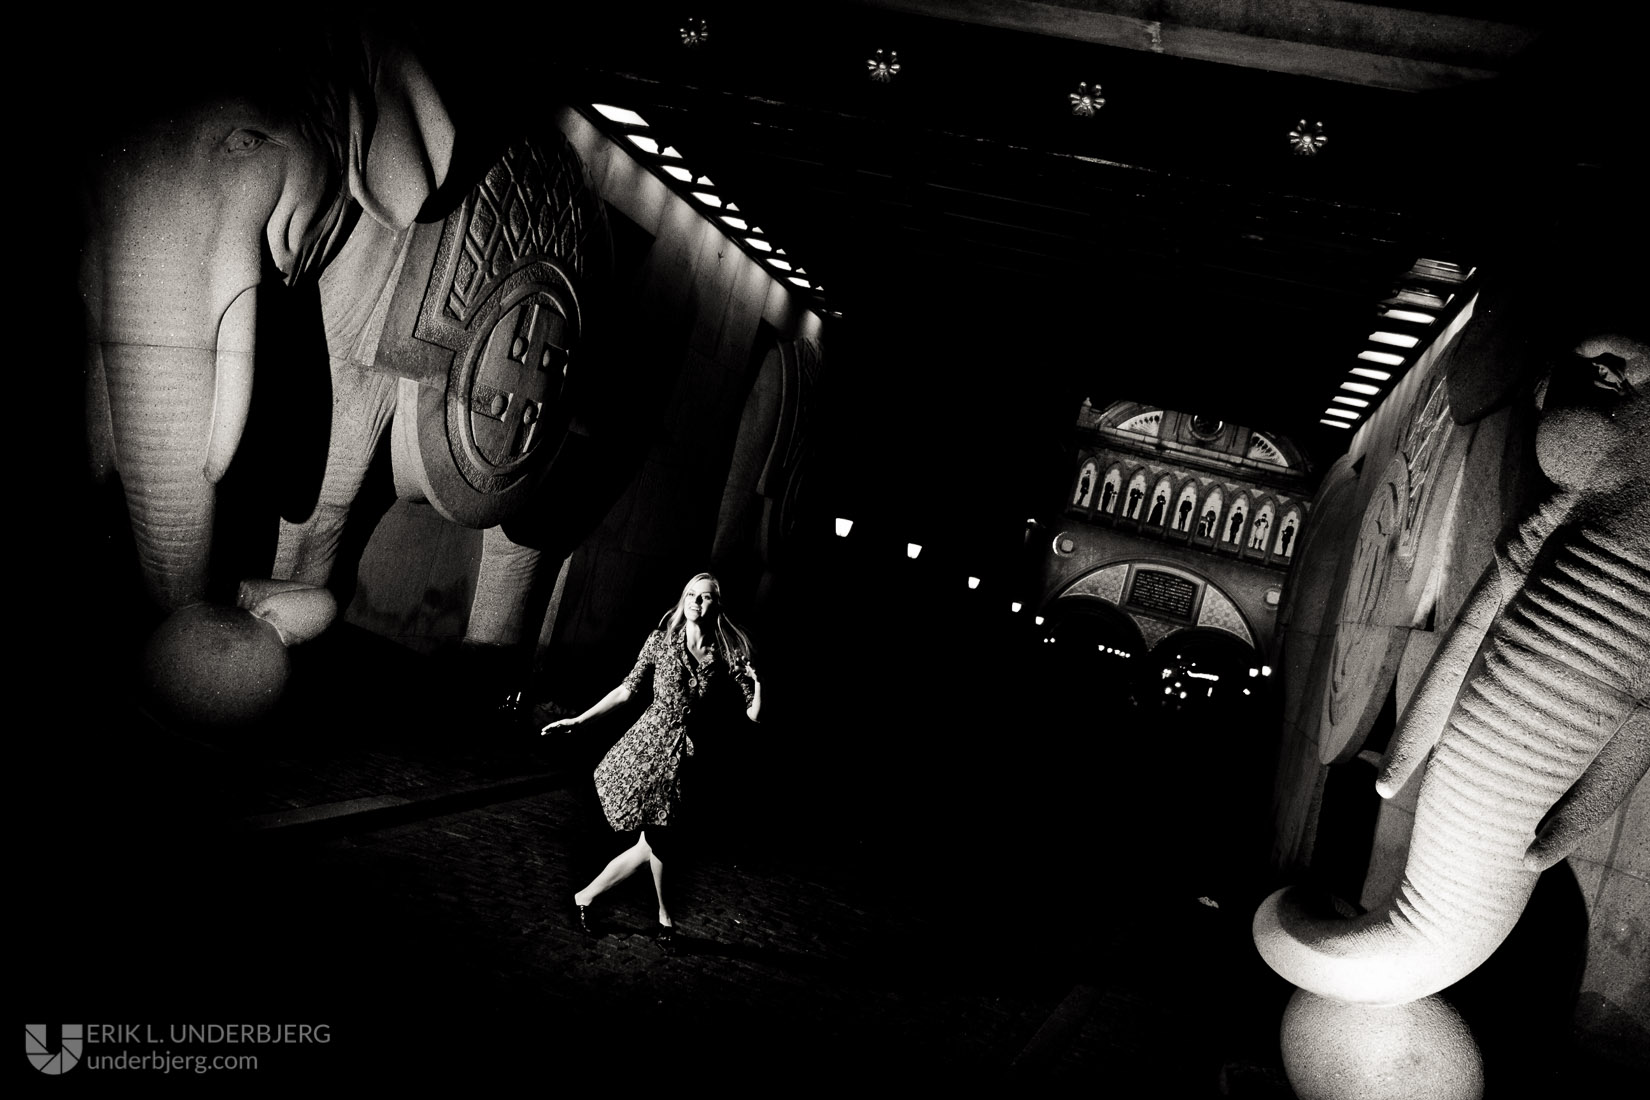 Film Noir elephants